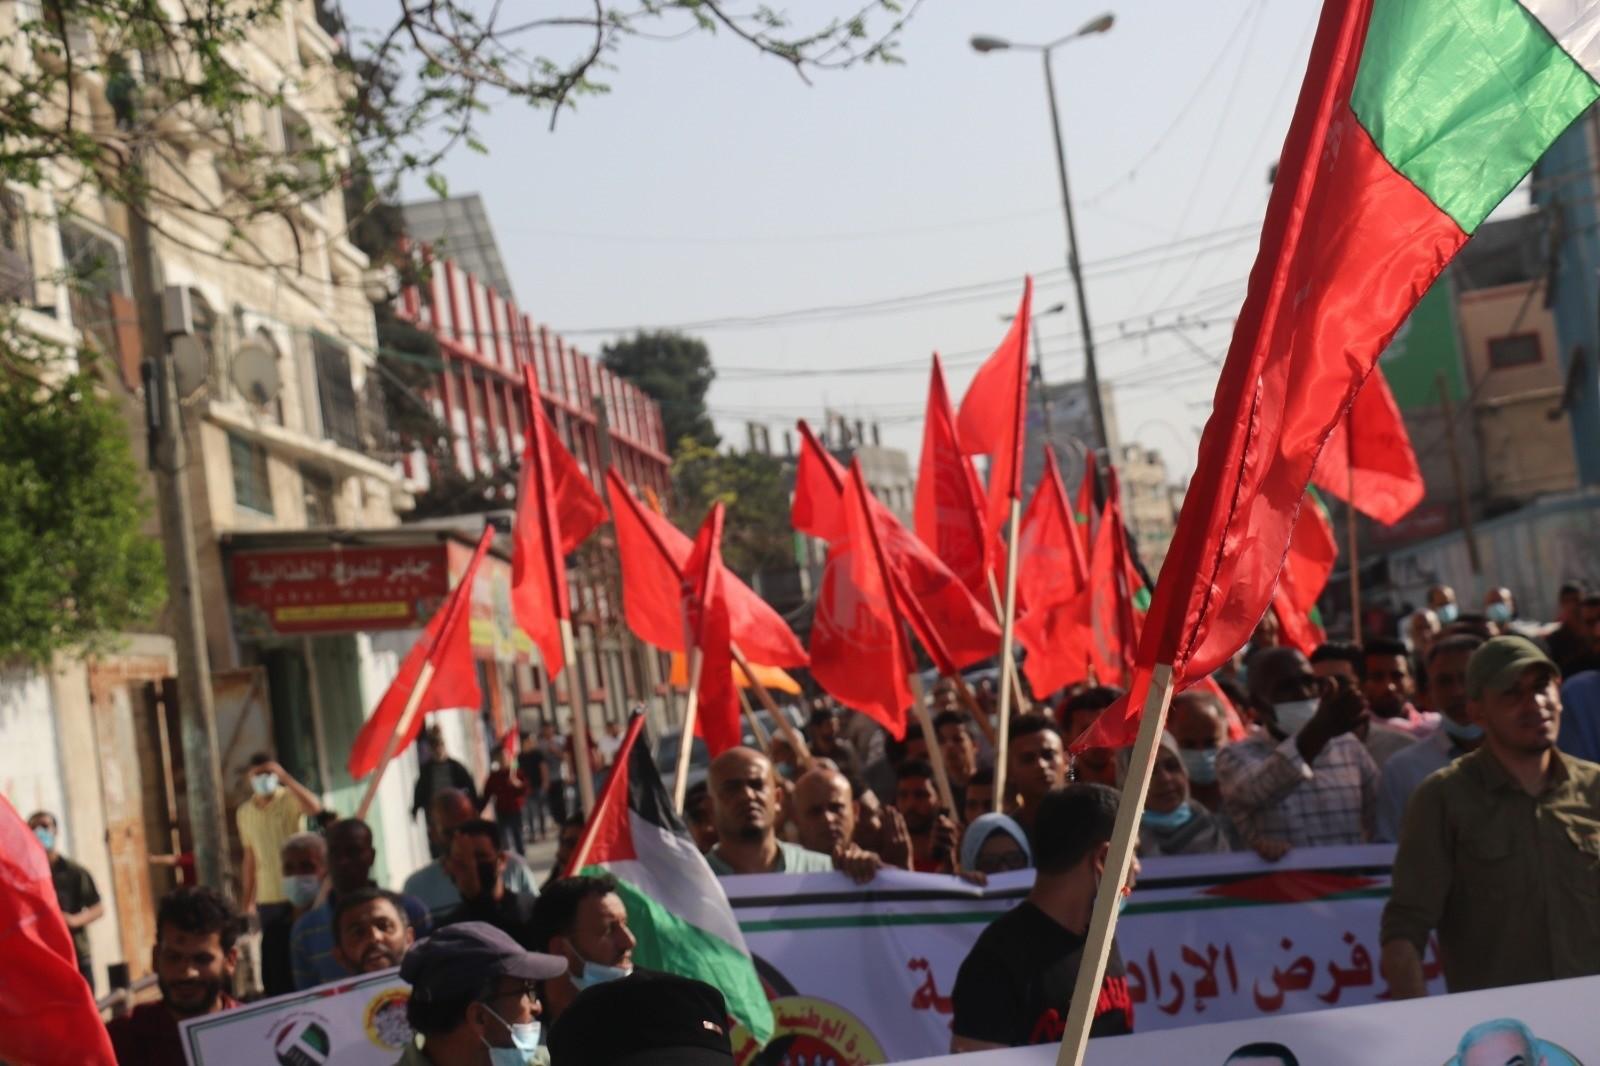 الشعبيّة والمبادرة تنظمان مسيرة جماهيرية انتصارًا للقدس ورفضًا لنهج التفرد والهيمنة (3).jpg